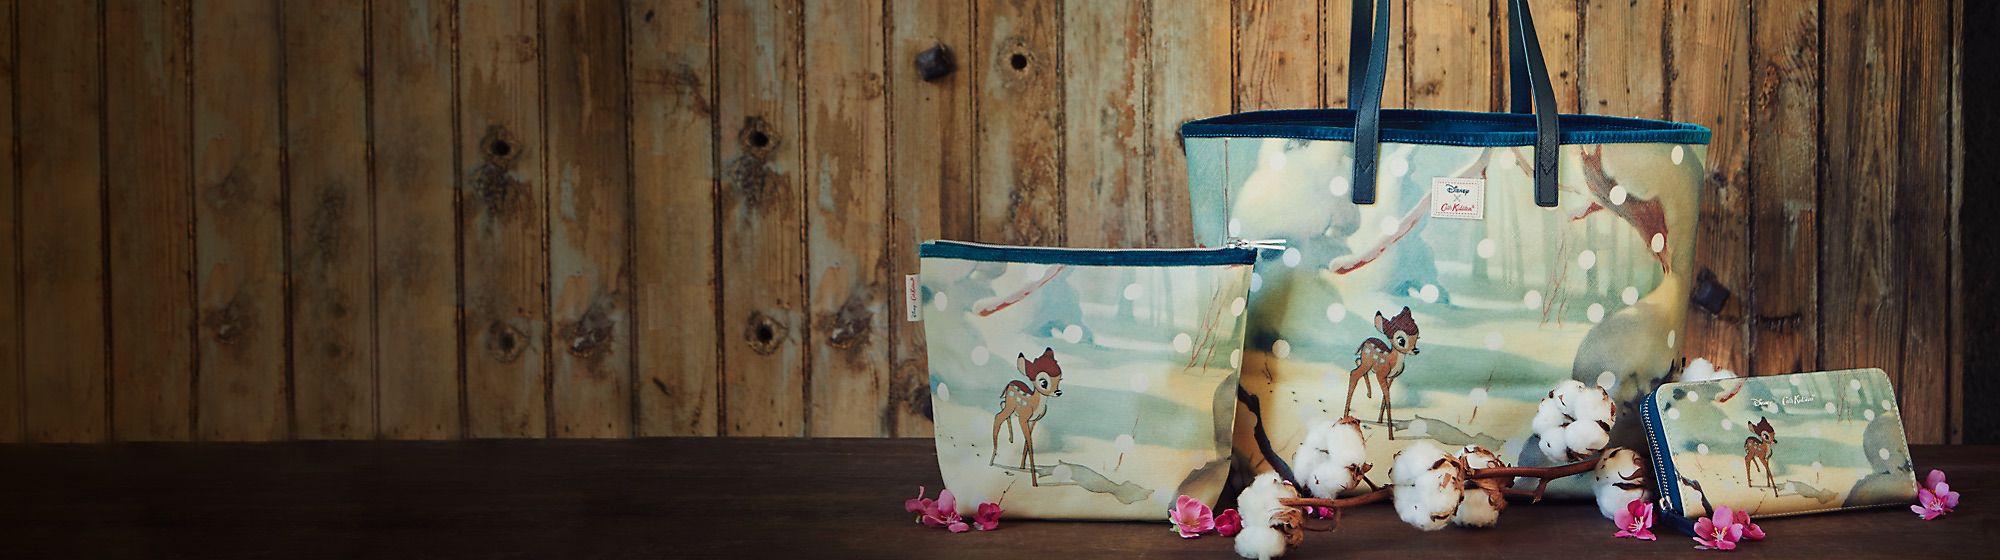 3 x 2 en colección de Cath Kidston x Disney Bambi COMPRAR